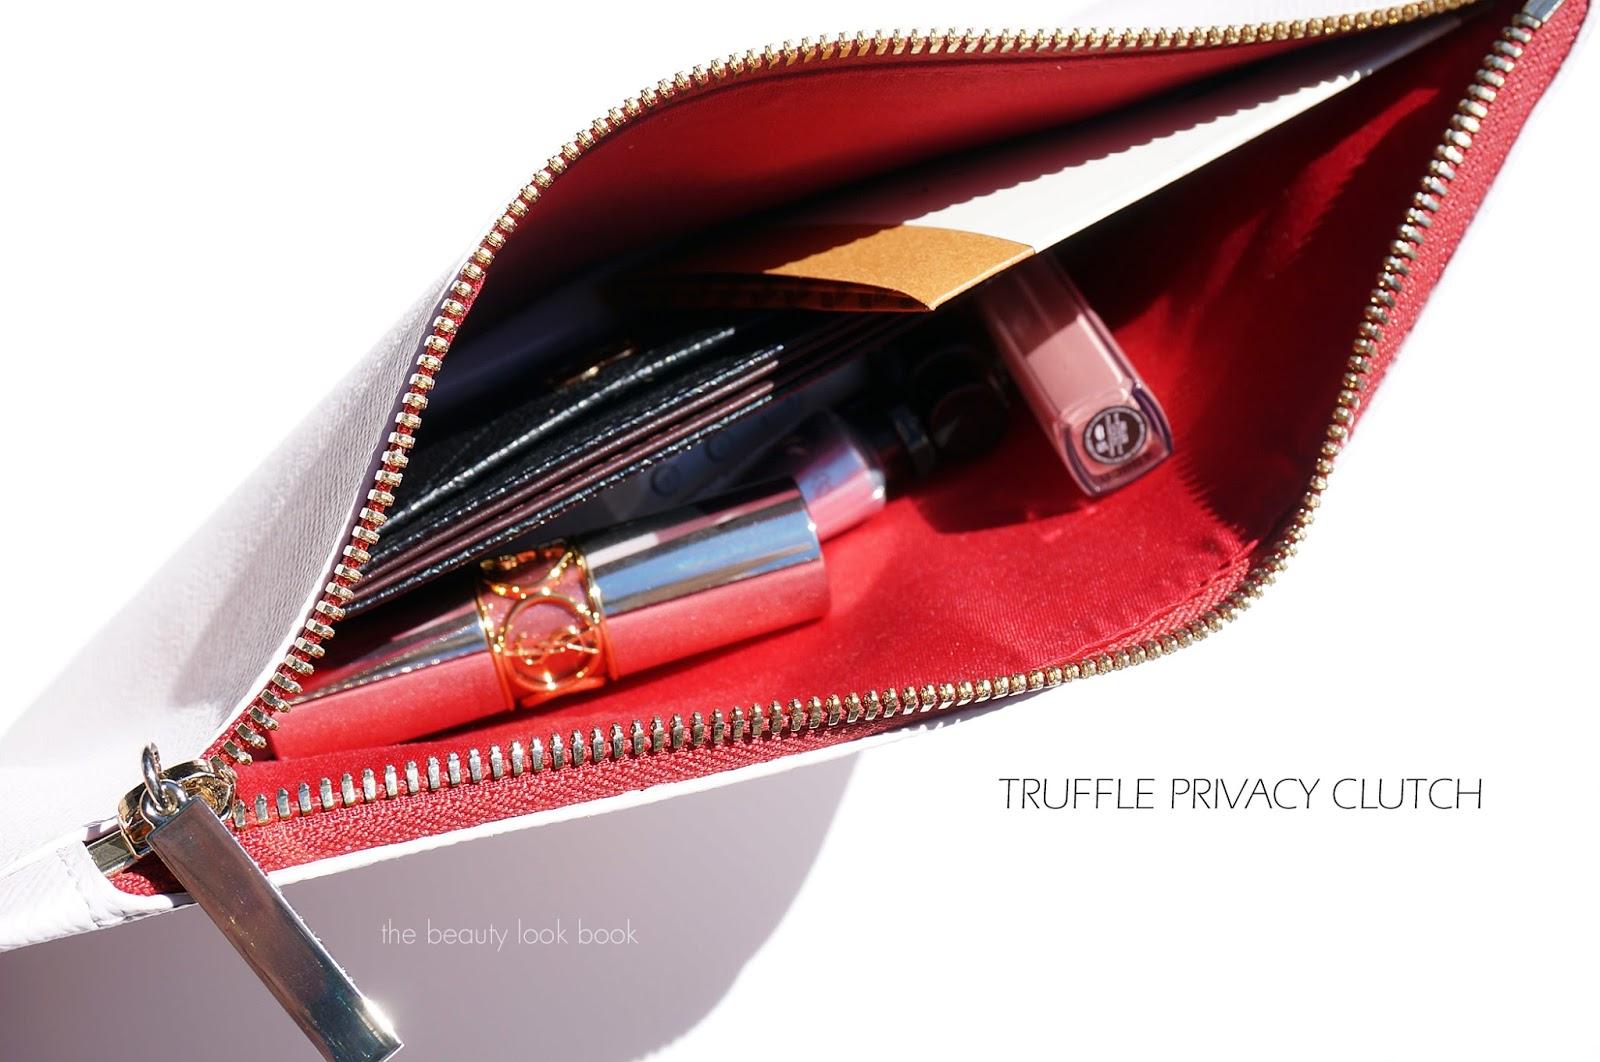 The Beauty Look Book: Makeup Bag